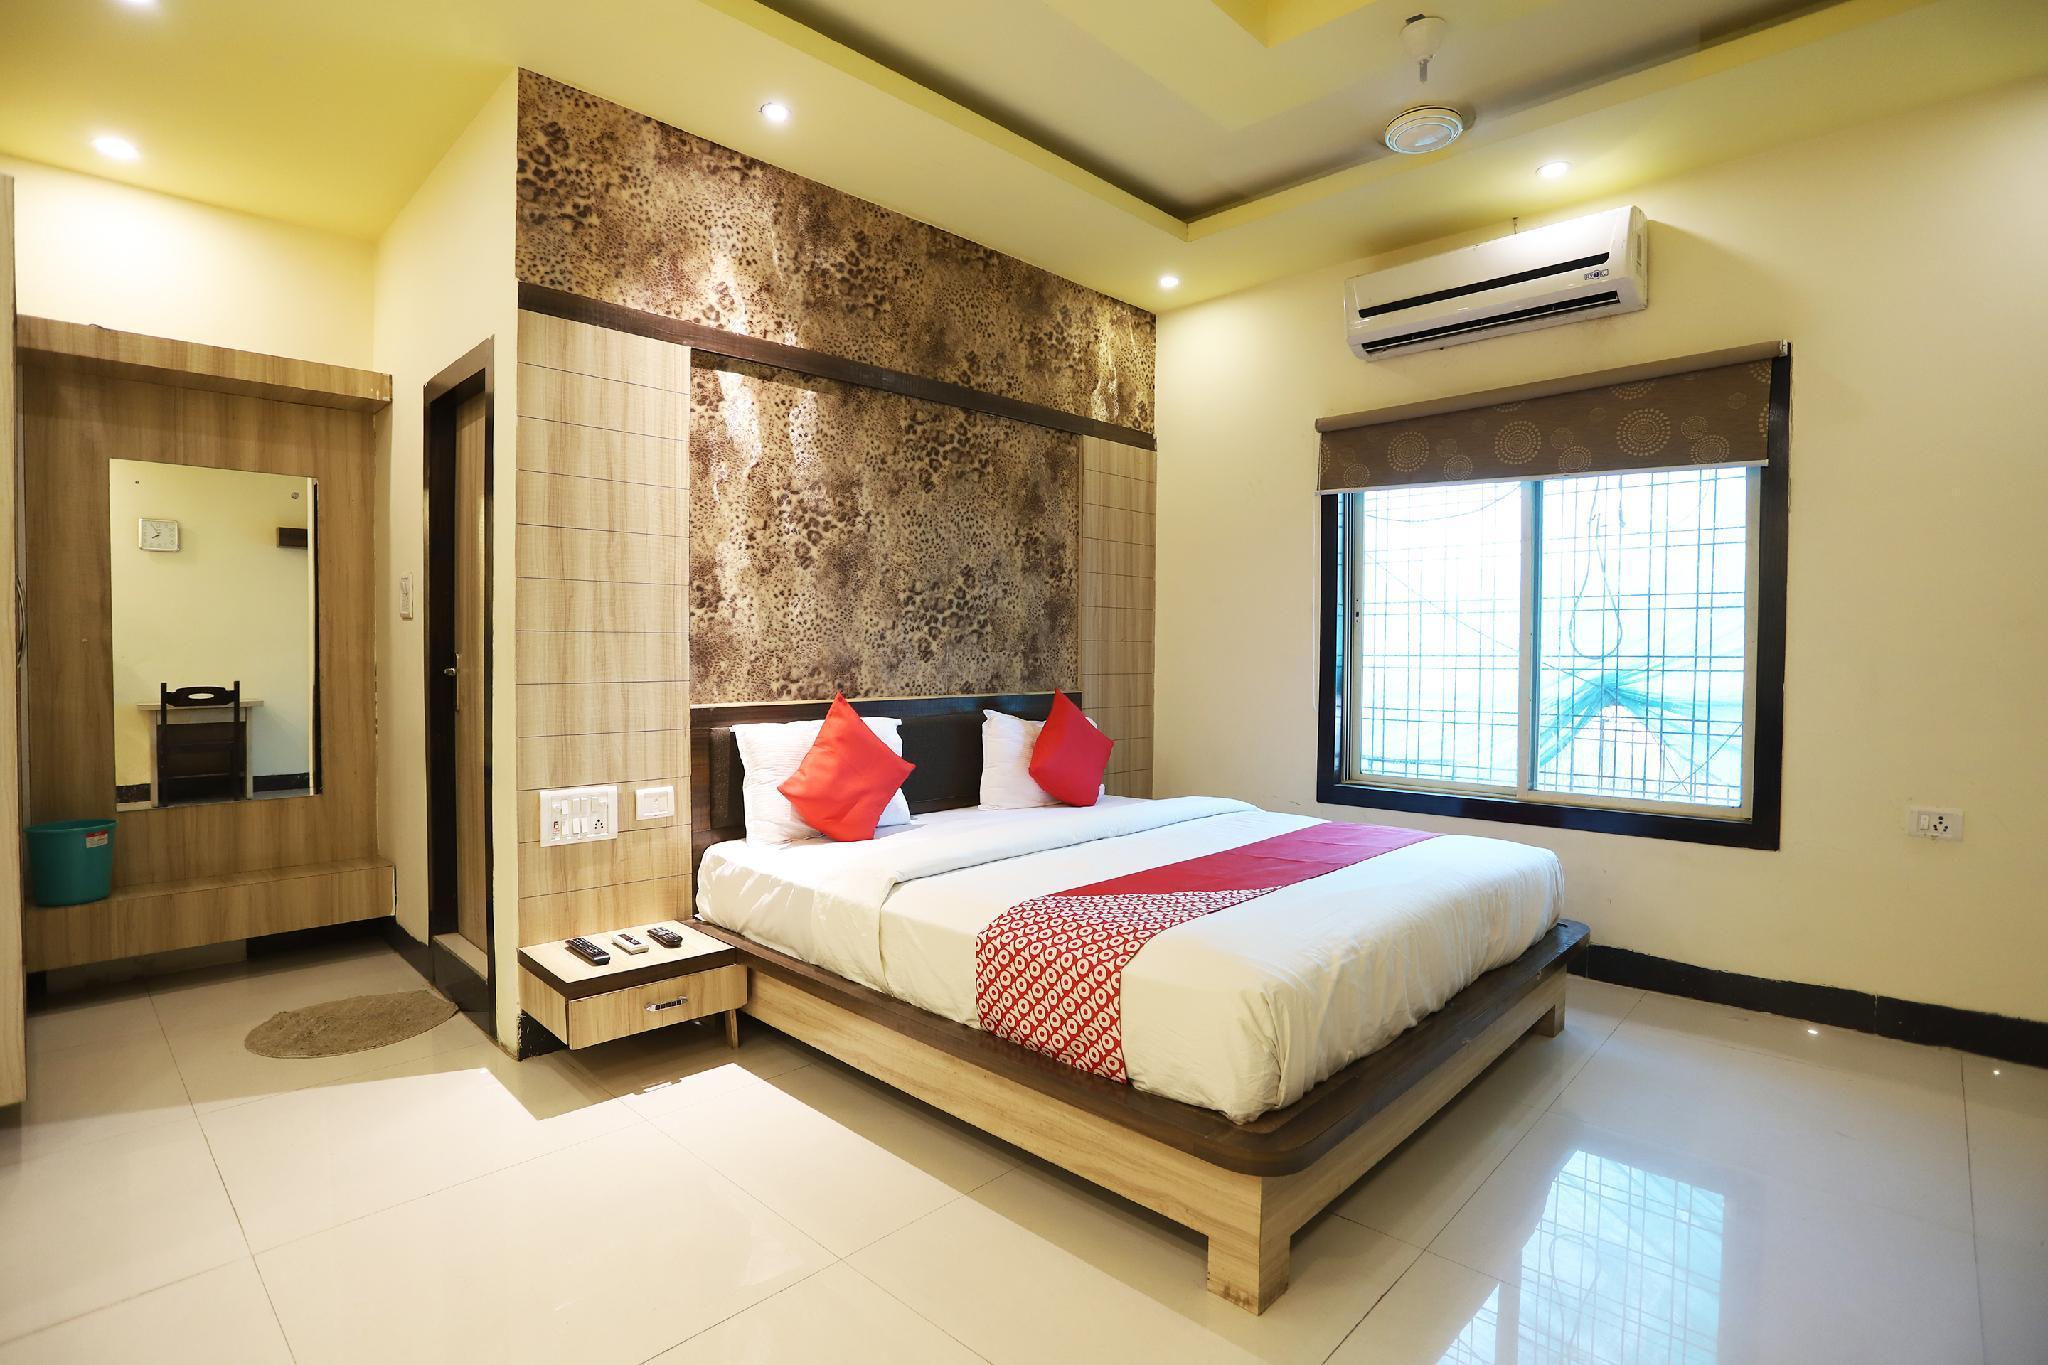 OYO 46604 Hotel Star